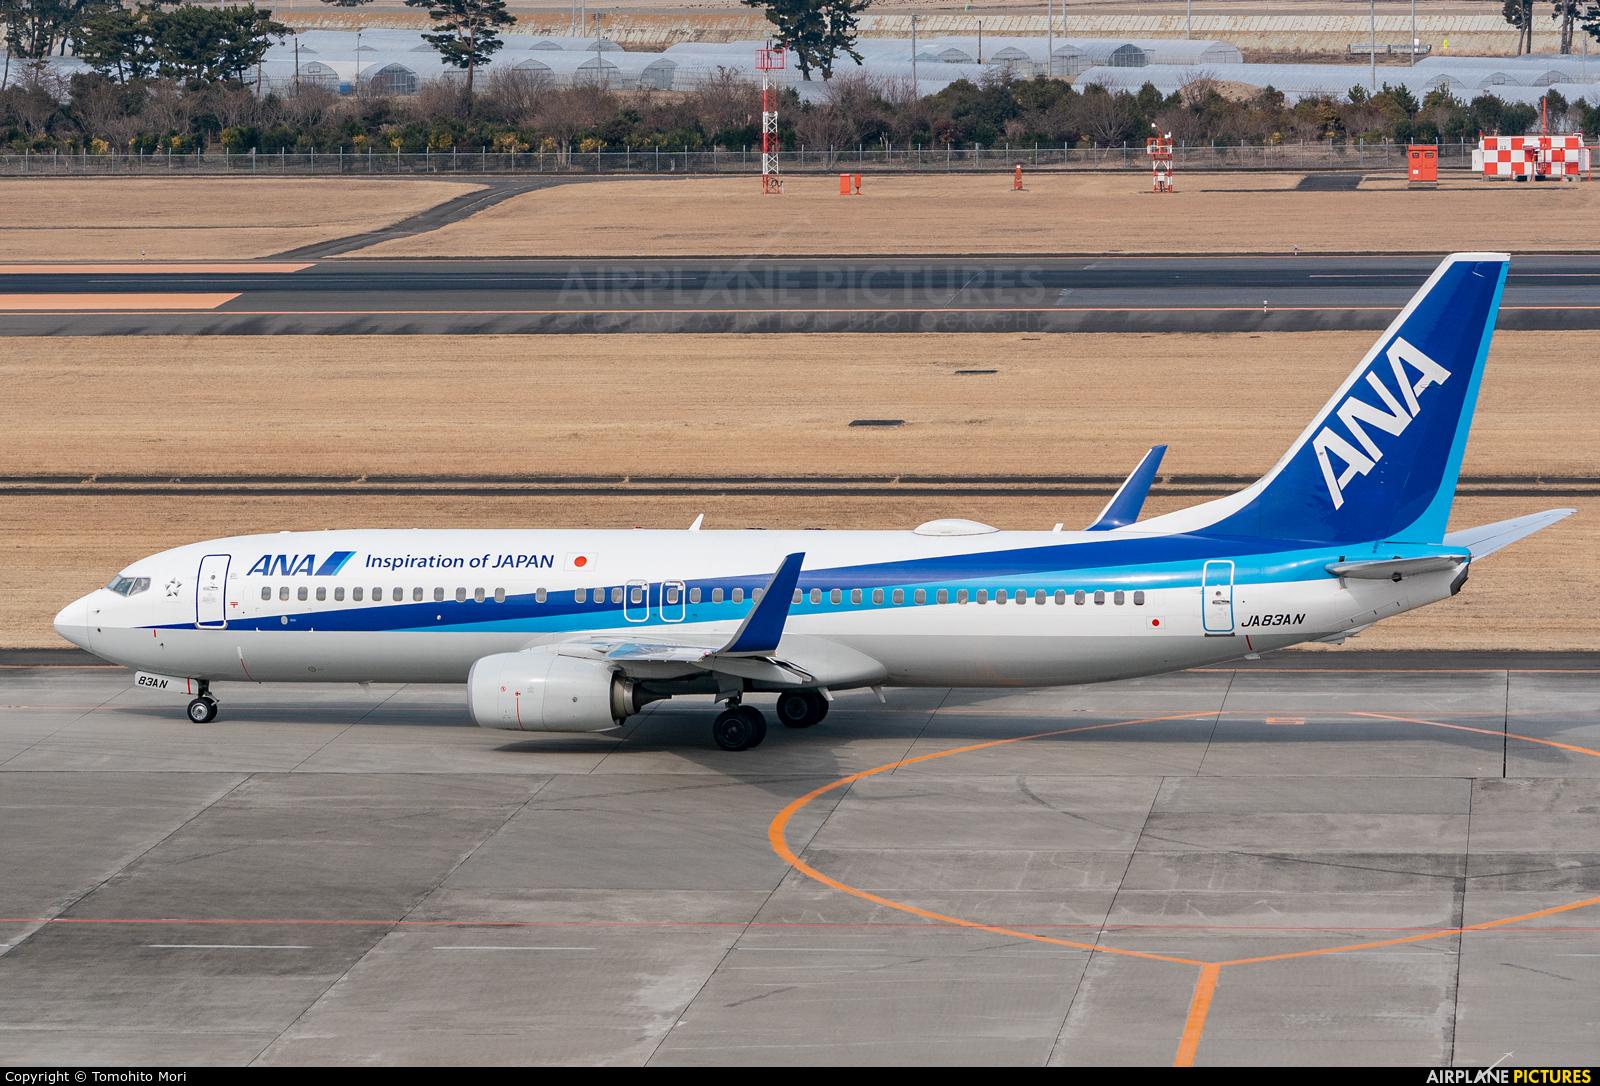 ANA - All Nippon Airways JA83AN aircraft at Sendai